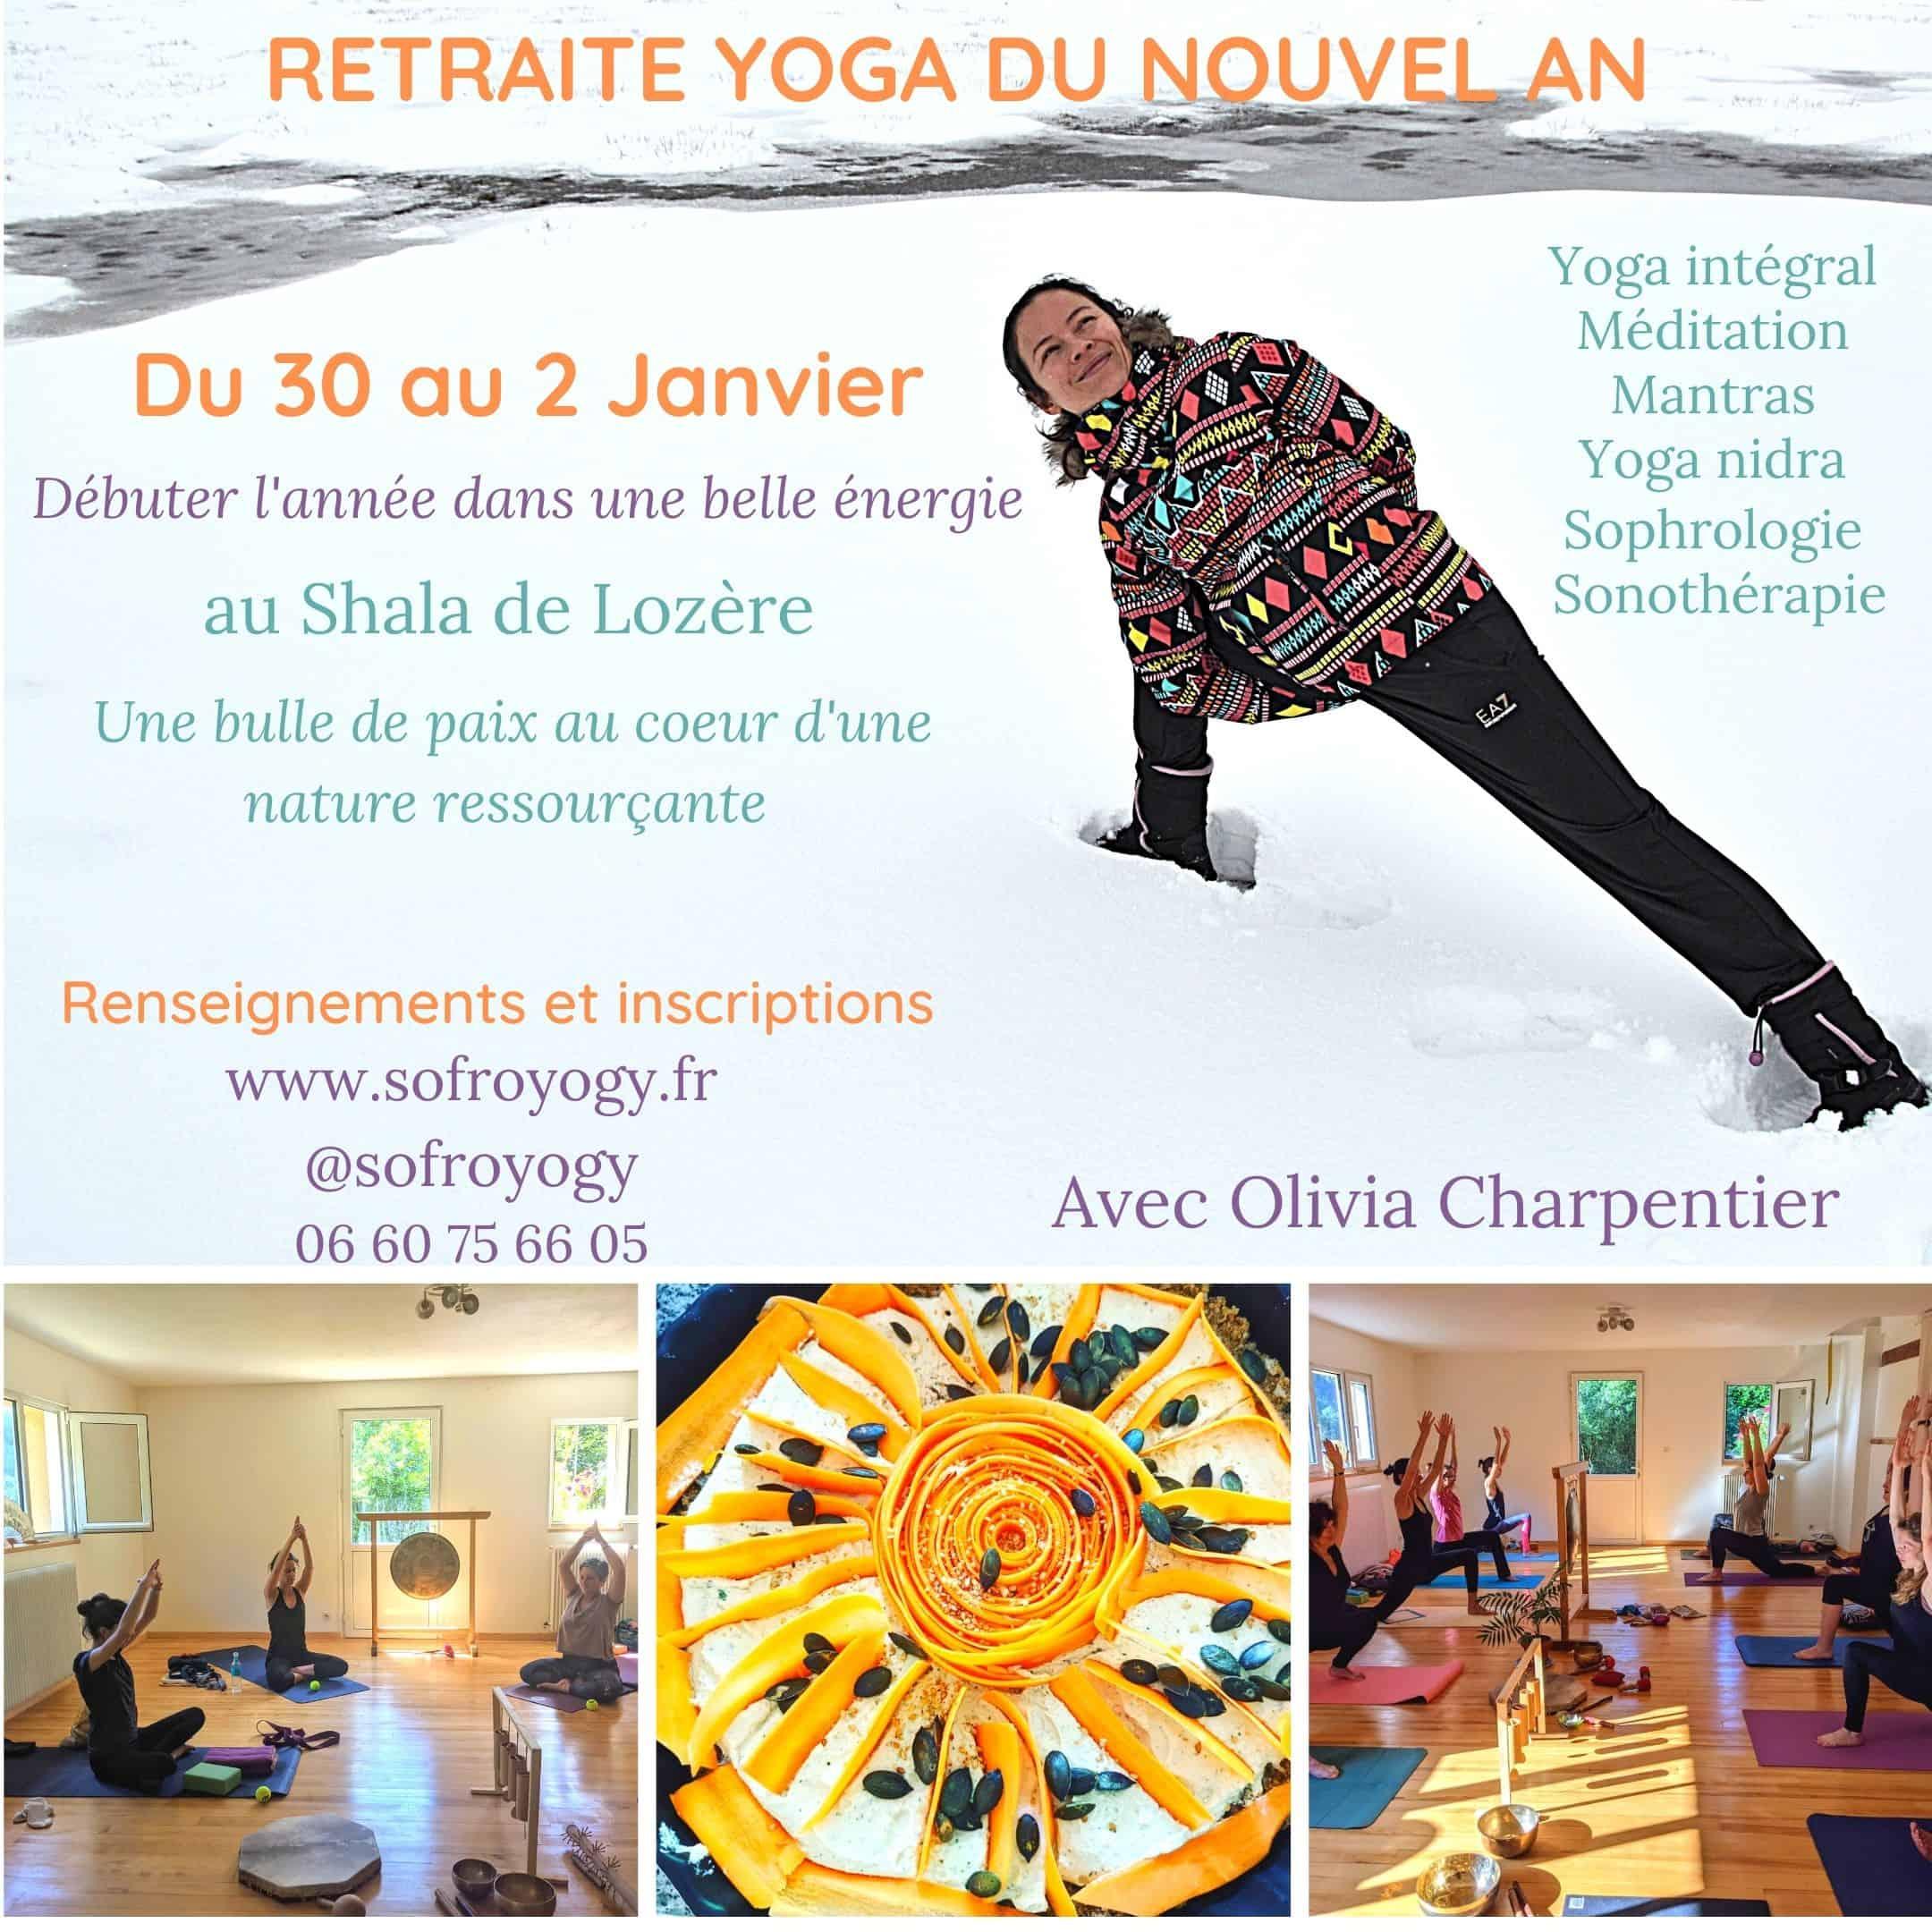 retraite yoga du nouvel an